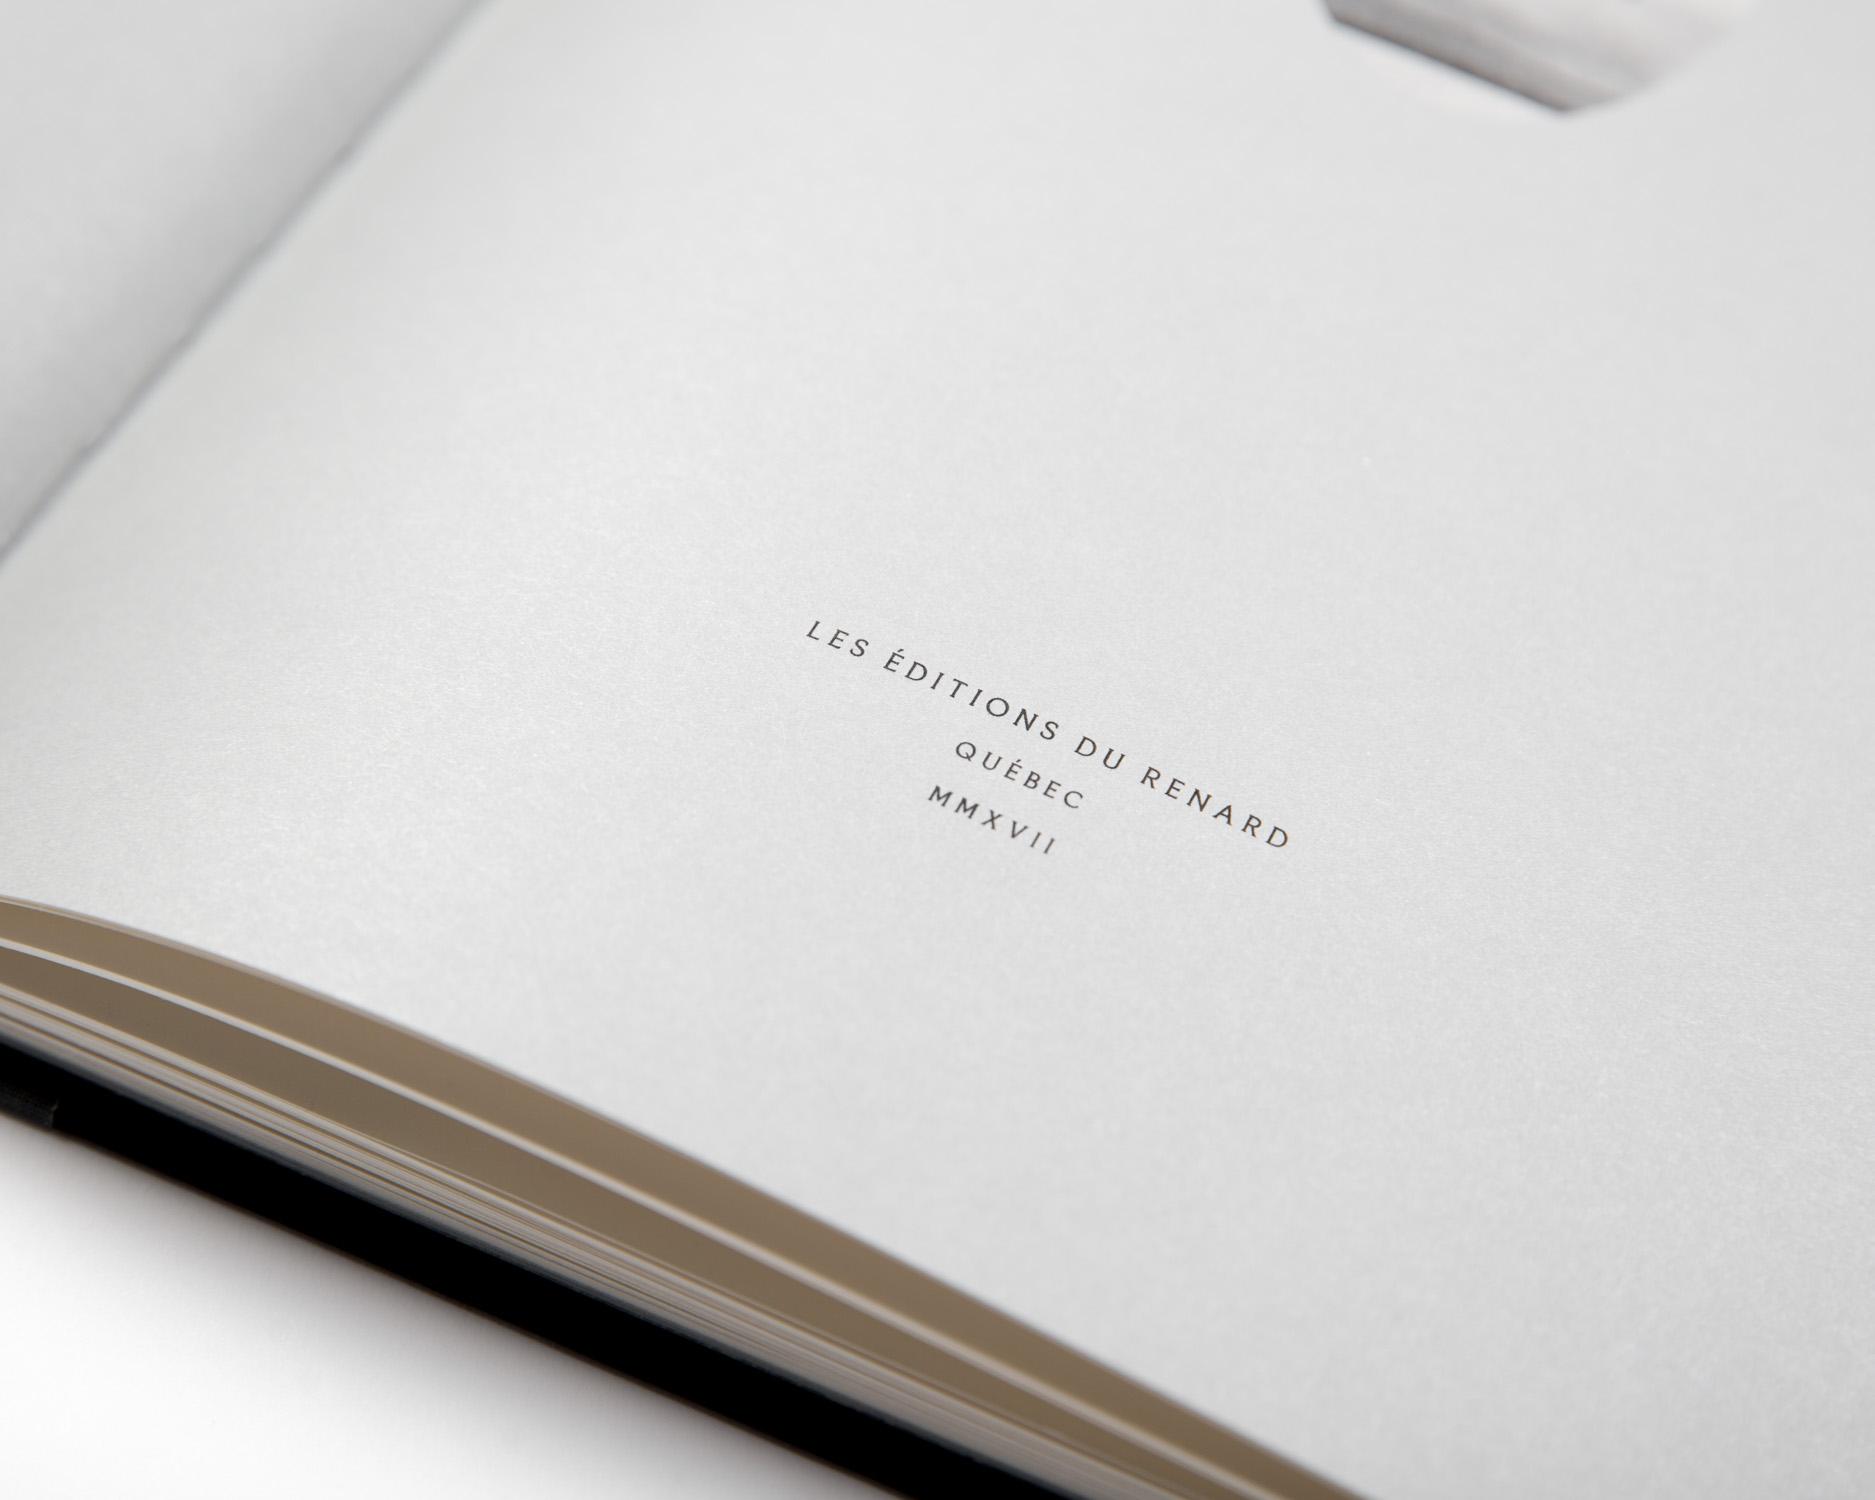 Livres Editions Renard_HD_288